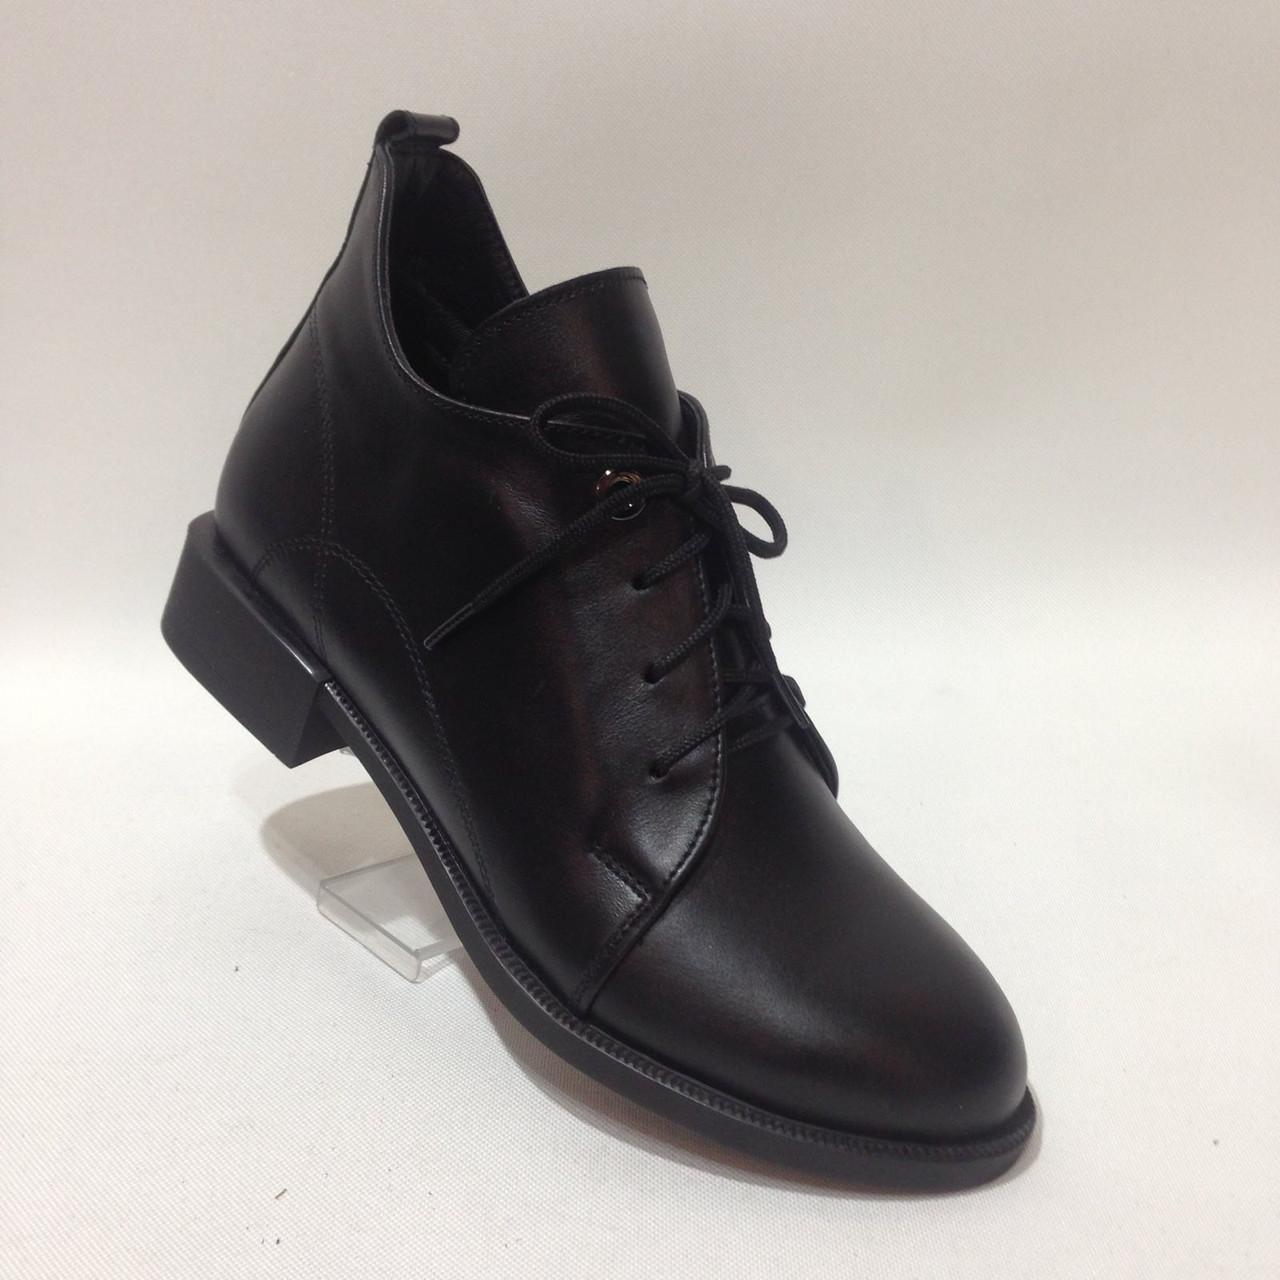 39,40 р. Женские кожаные закрытые туфли-полуботинки на шнурках красивые модные